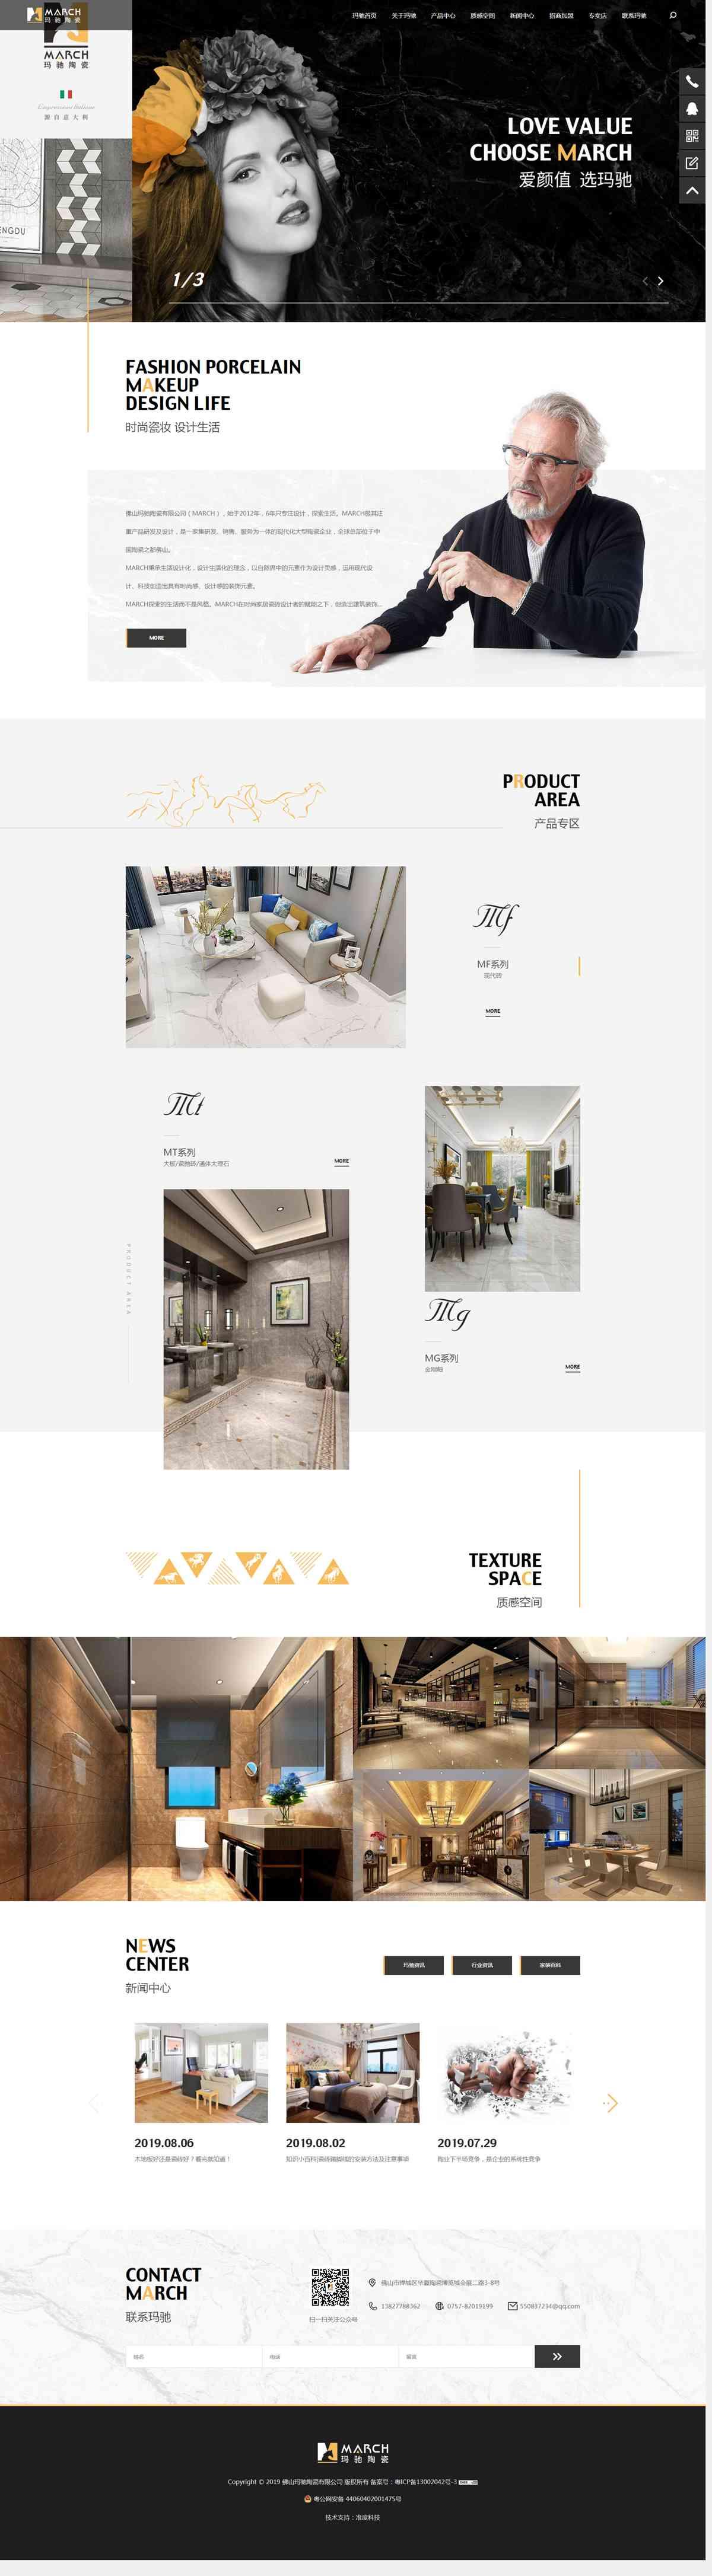 瓷砖品牌加盟代理-高端陶瓷一线品牌-佛山玛驰陶瓷有限公司[官网]--.jpg